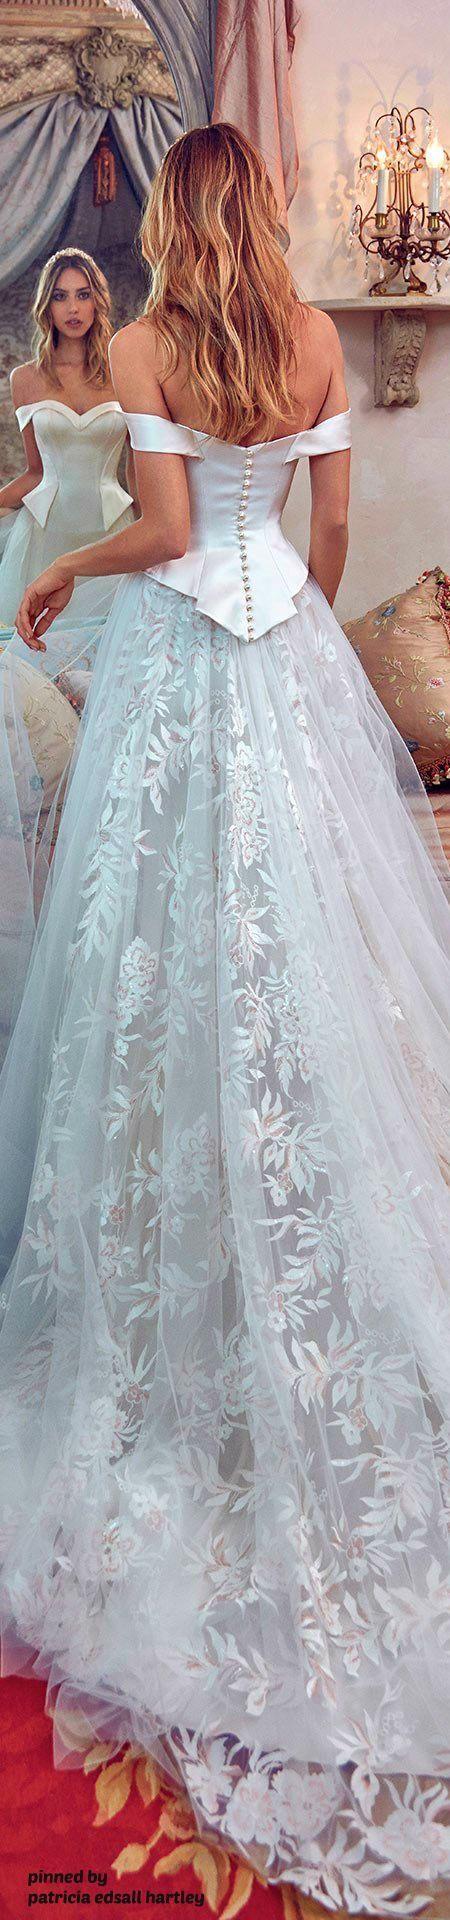 Mejores 246 imágenes de Unique Dresses en Pinterest | Vestidos ...